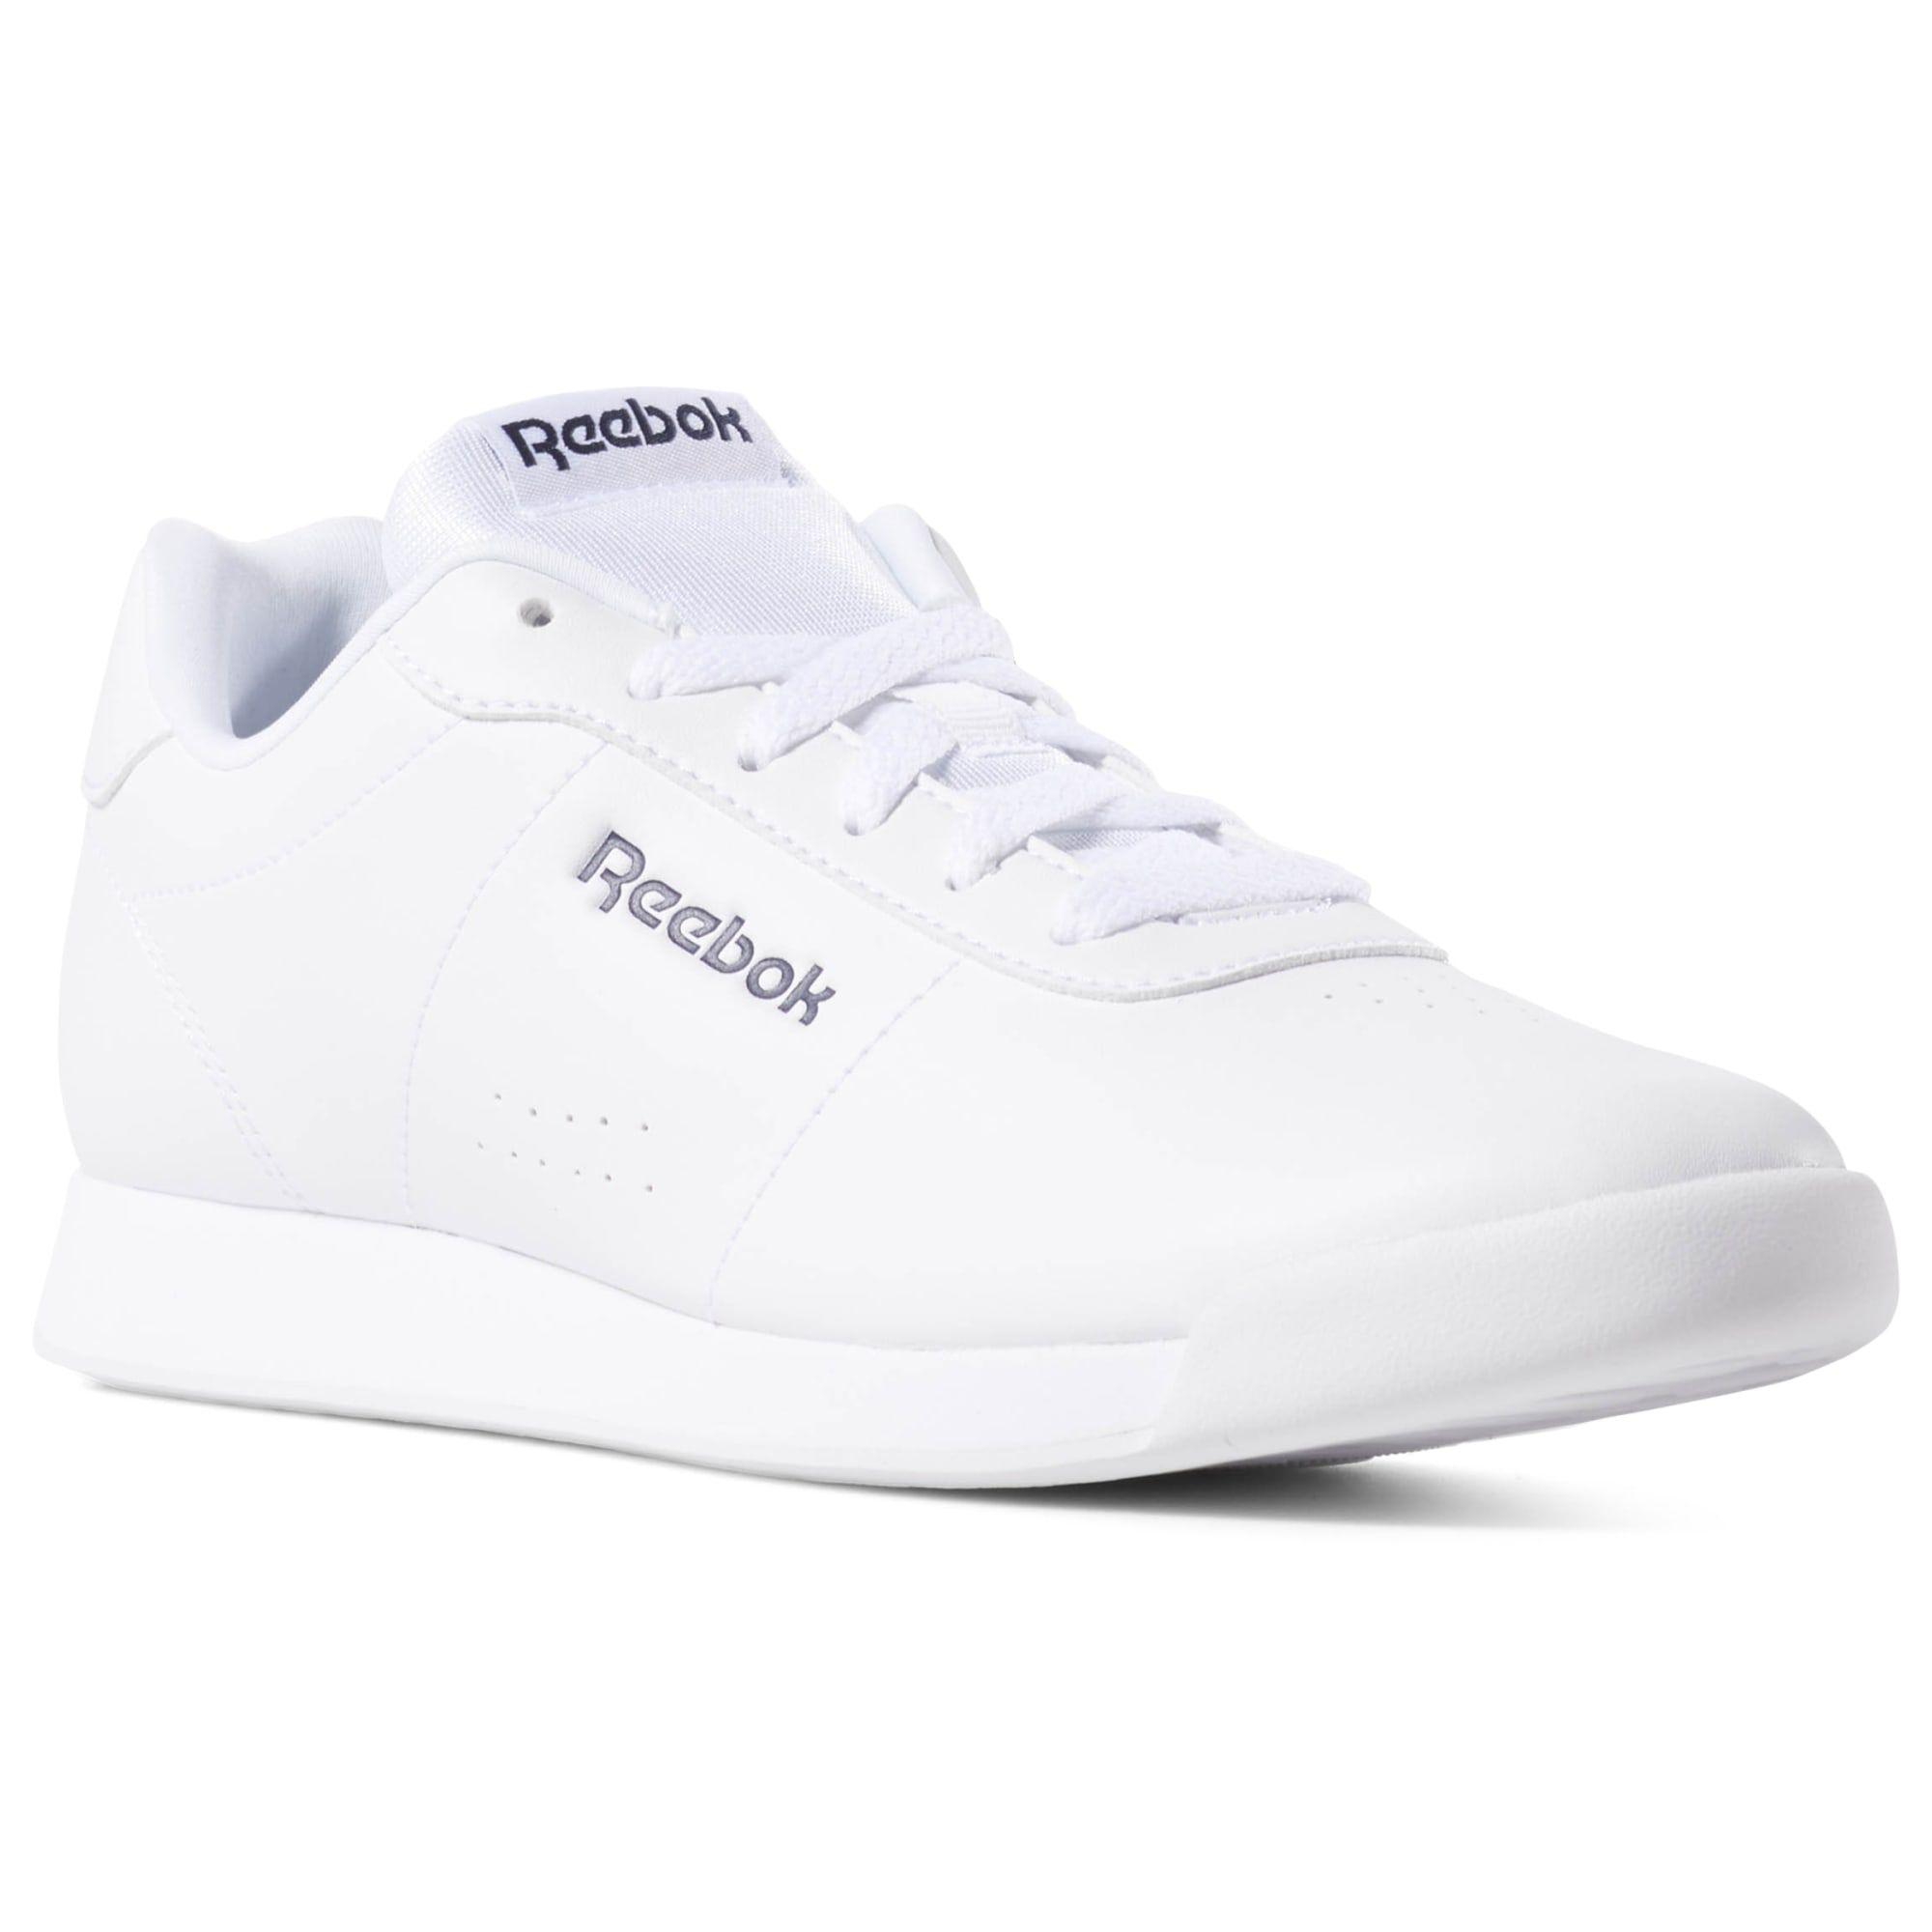 zapatos reebok colombia originales